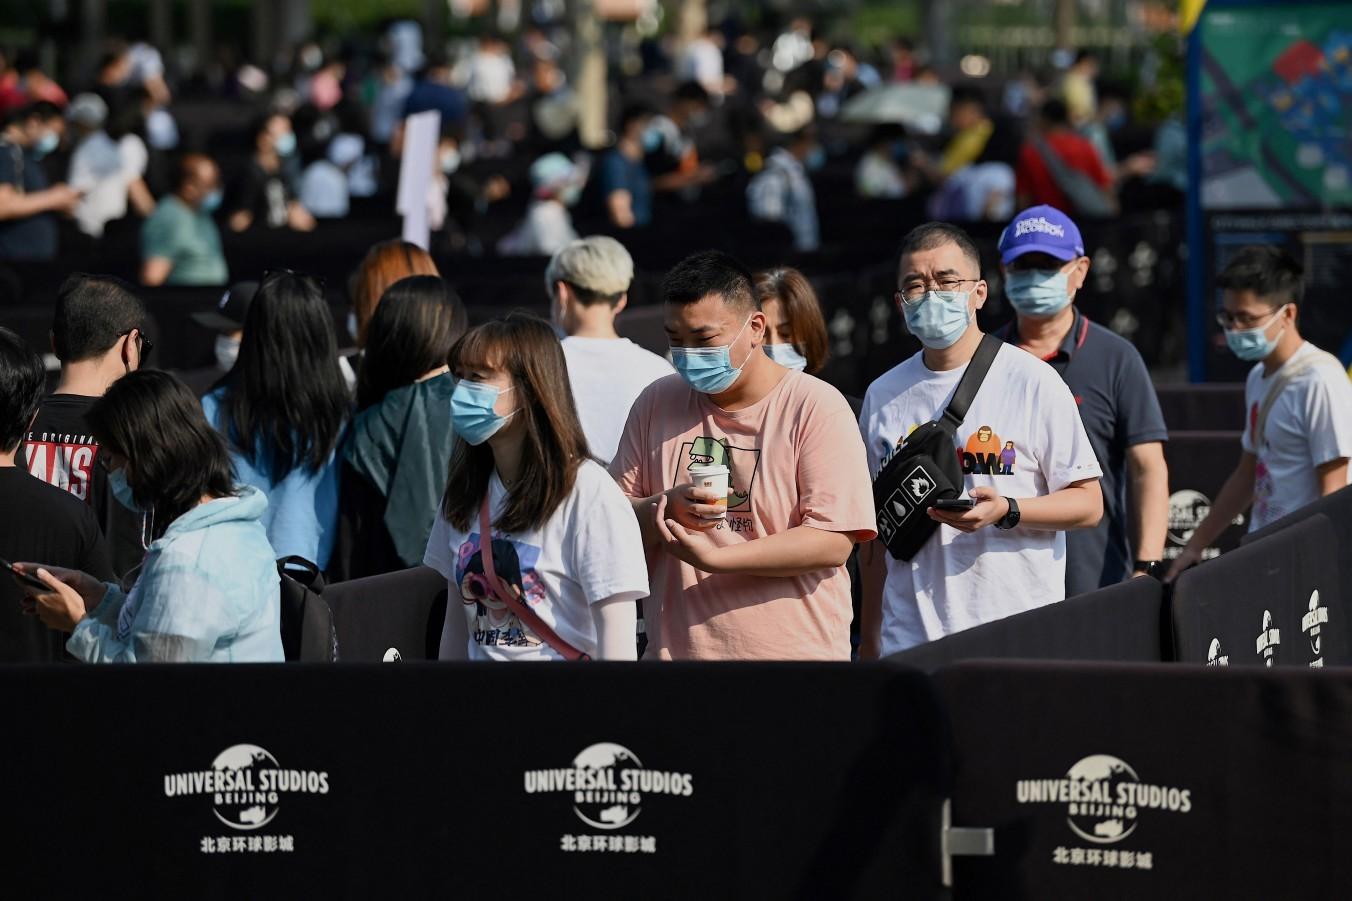 Chineses fazem fila para participar de evento-teste do parque da Universal em Pequim